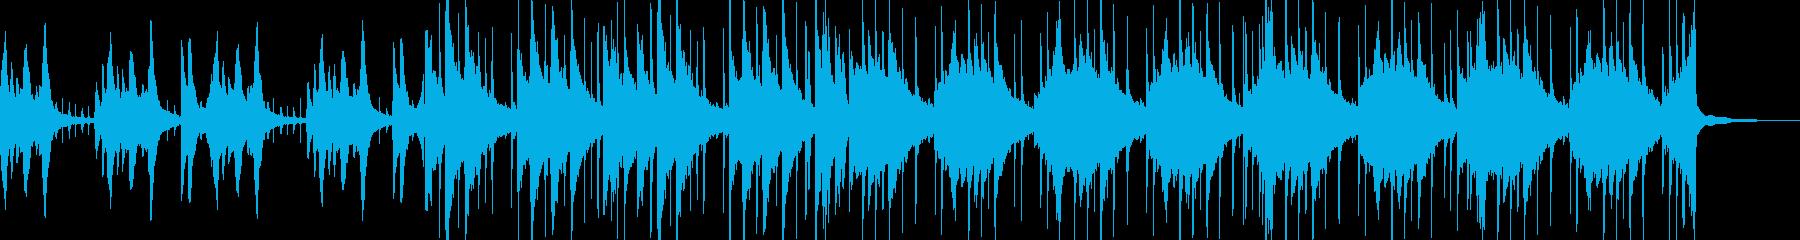 ドラムとピアノの落ち着いたBGMの再生済みの波形